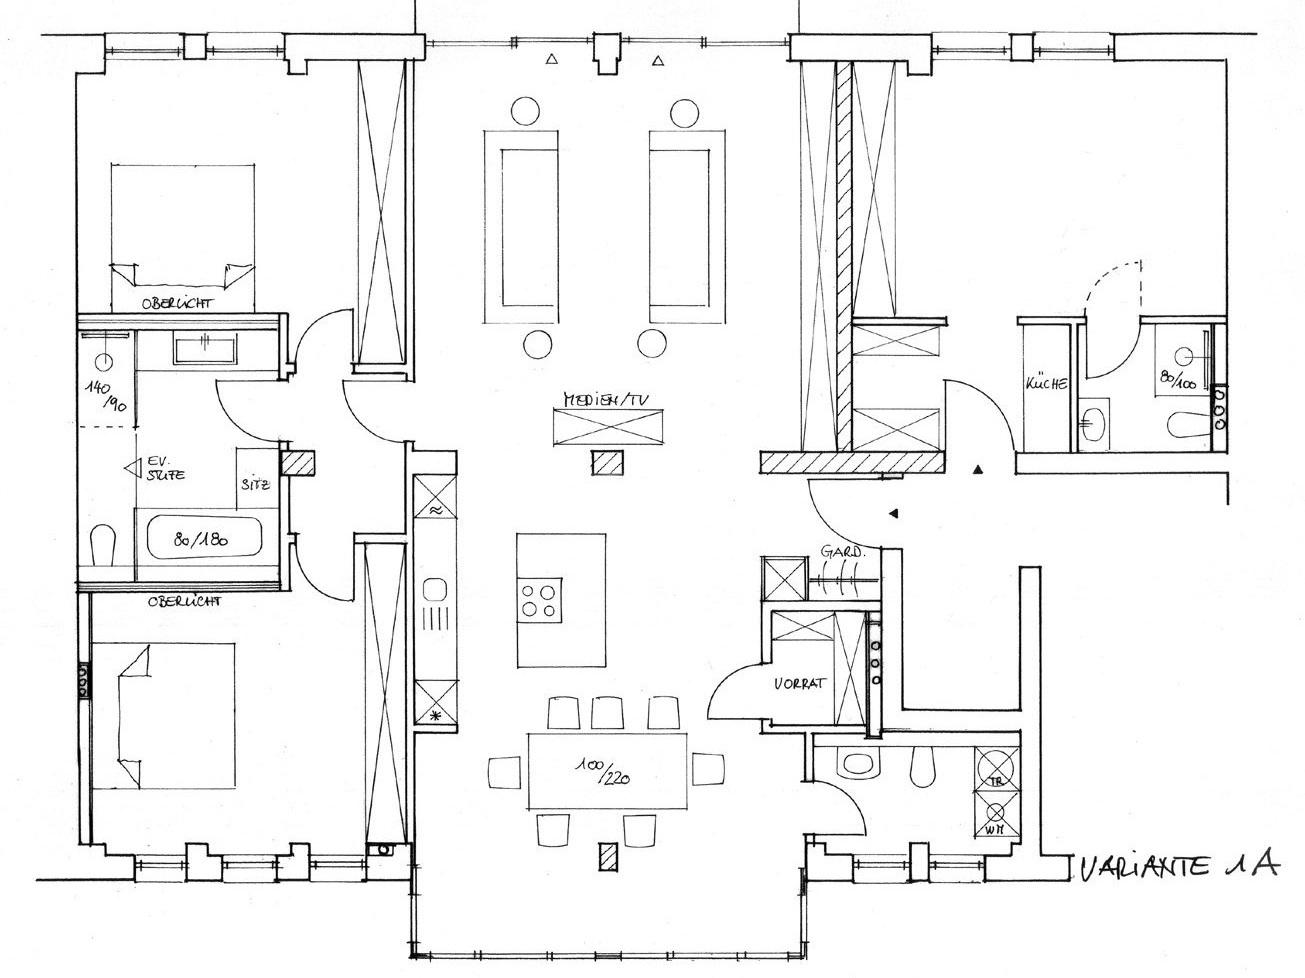 Nutzungskonzepte Loftwohnung - Variante 1 A